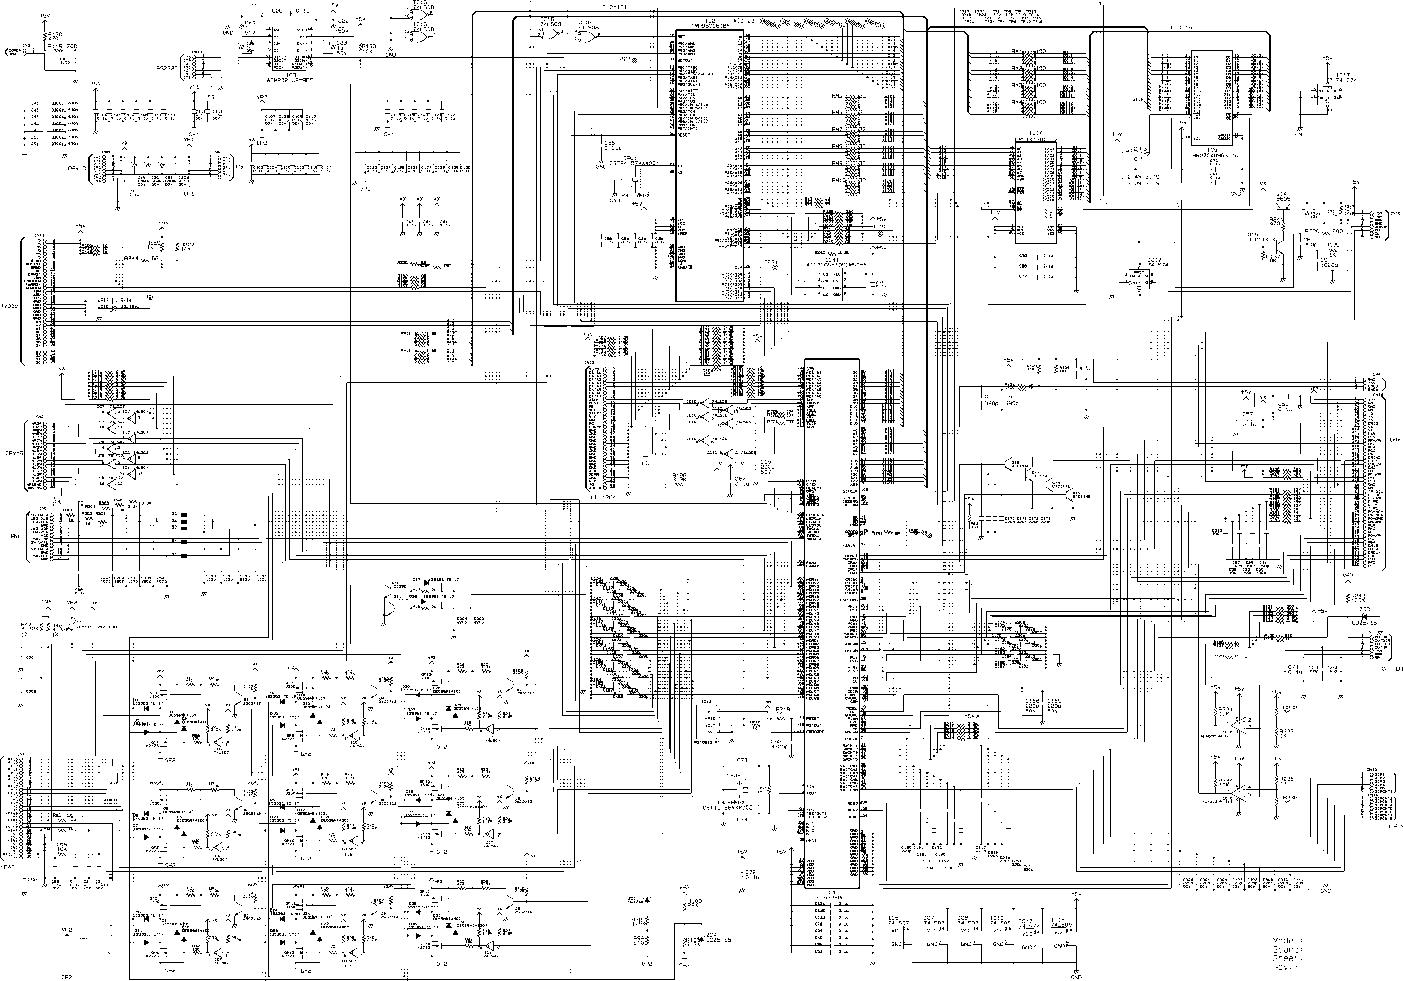 schema mainboard epson lq 2180 - epson dfx 8500